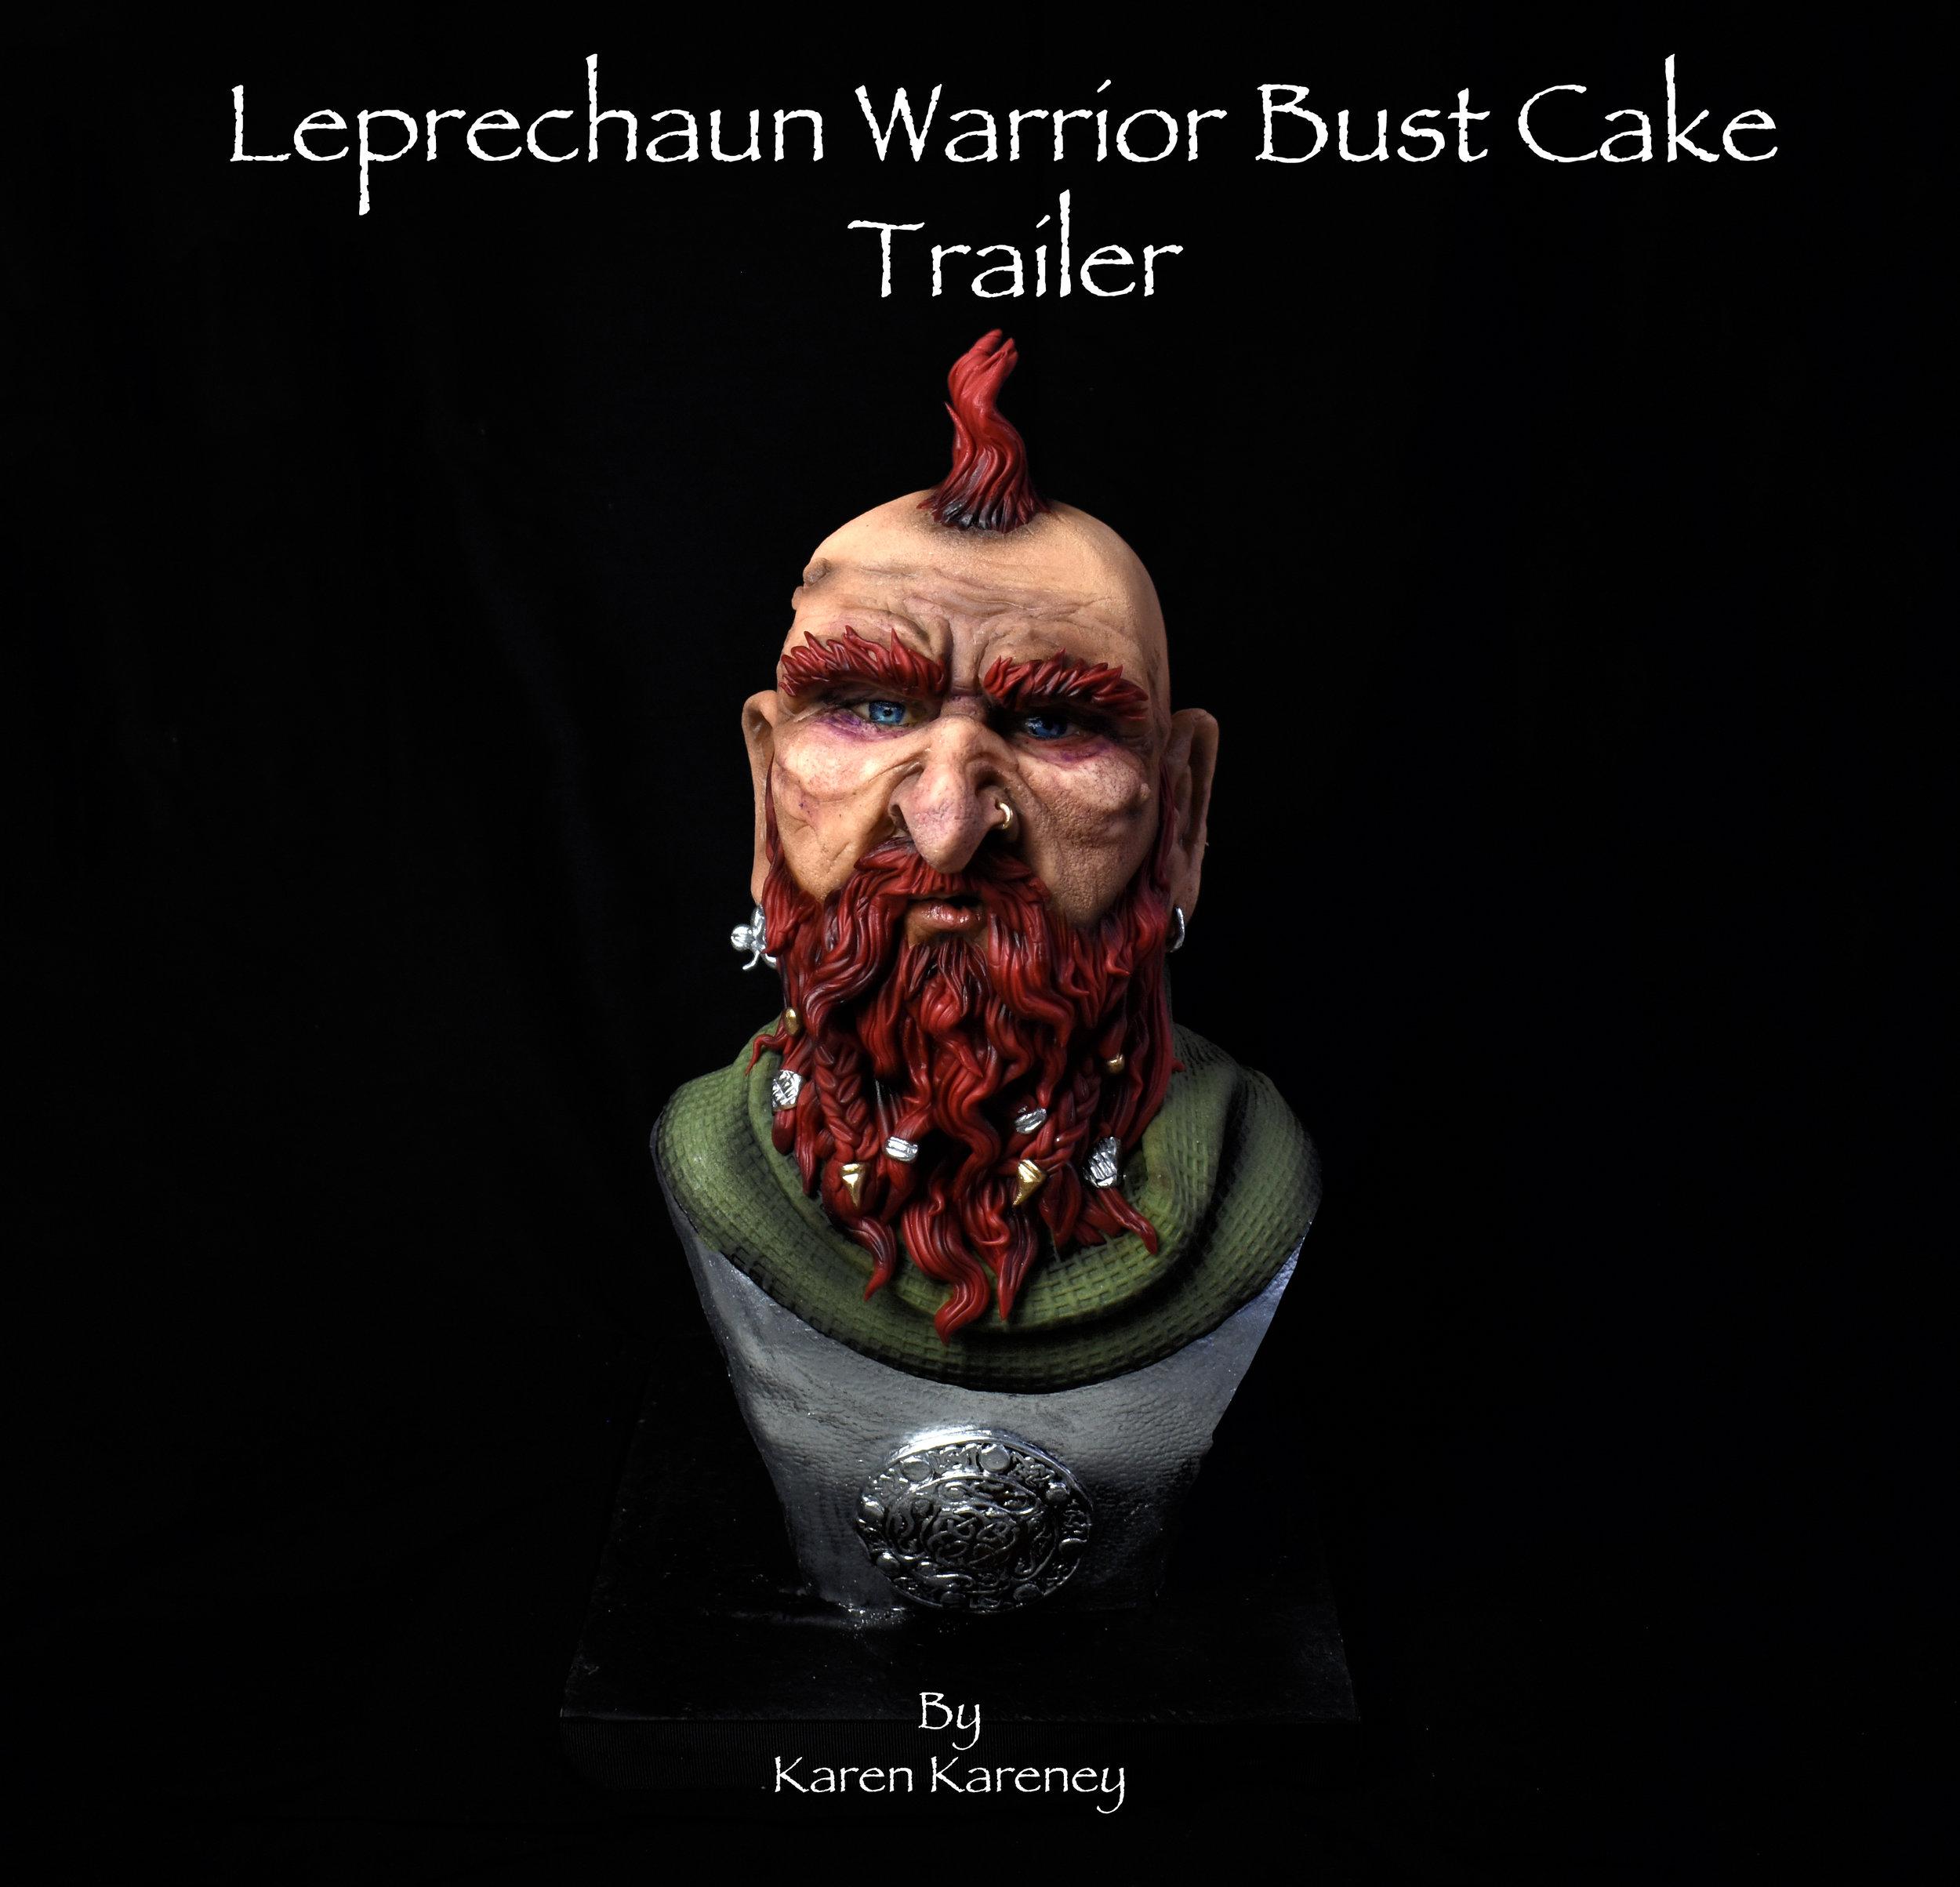 leprechaun trailer poster.jpg